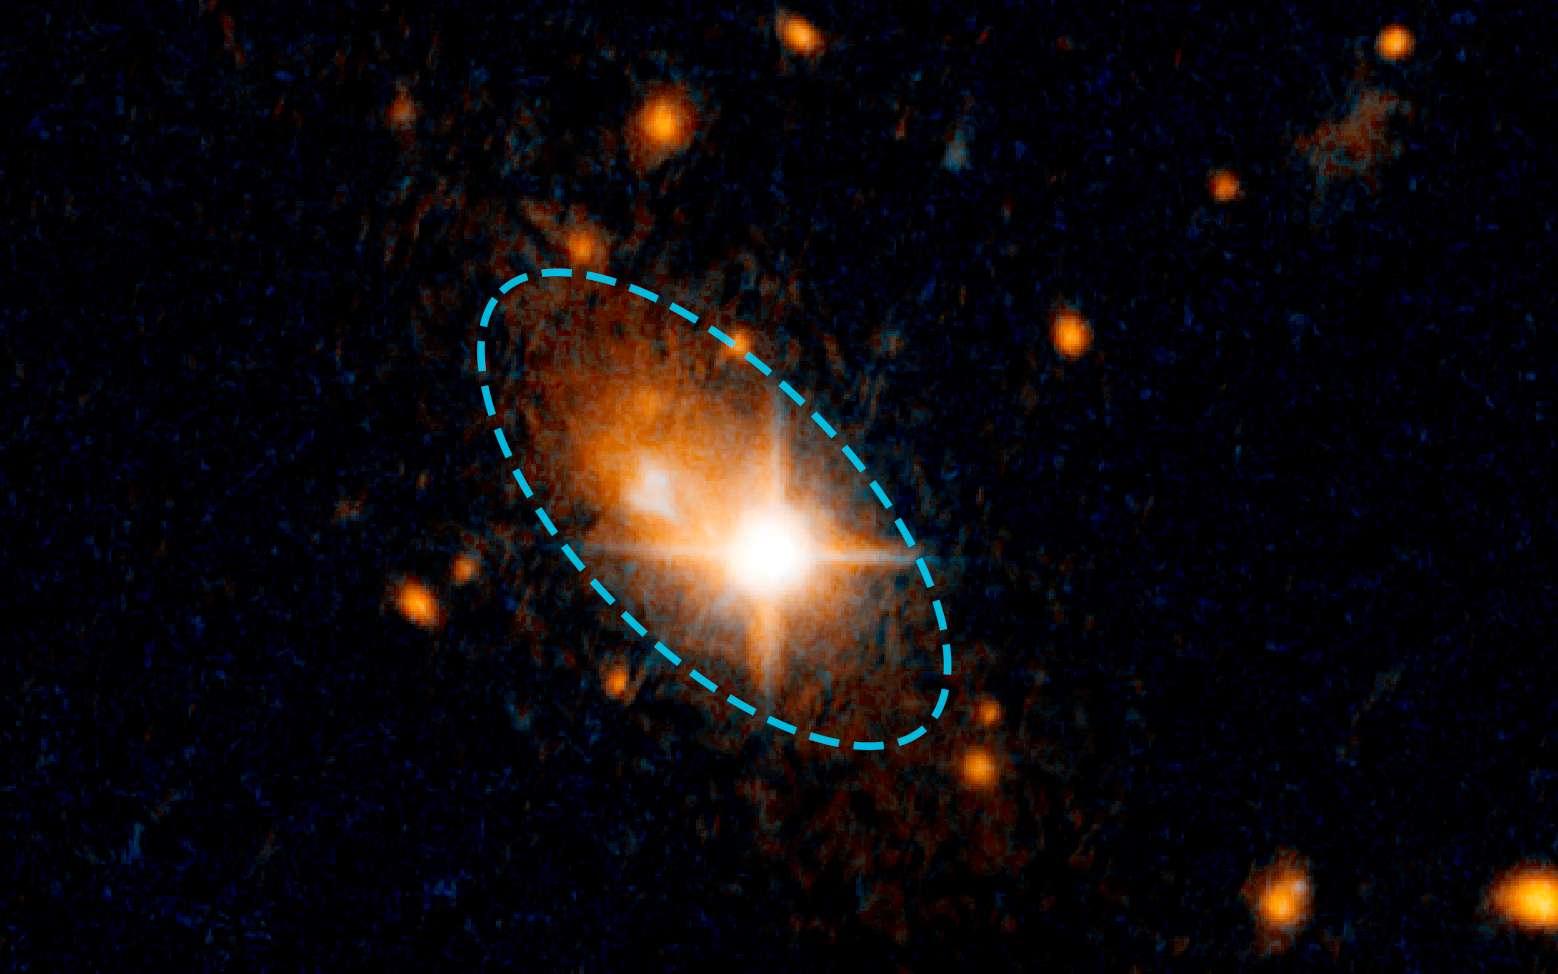 Le quasar 3C 186 est bien visible sur cette photo et il est décalé du centre de sa galaxie hôte (indiquée par l'ellipse) qui apparait moins lumineuse. © Nasa, Esa, M. Chiaberge (STScI and JHU)